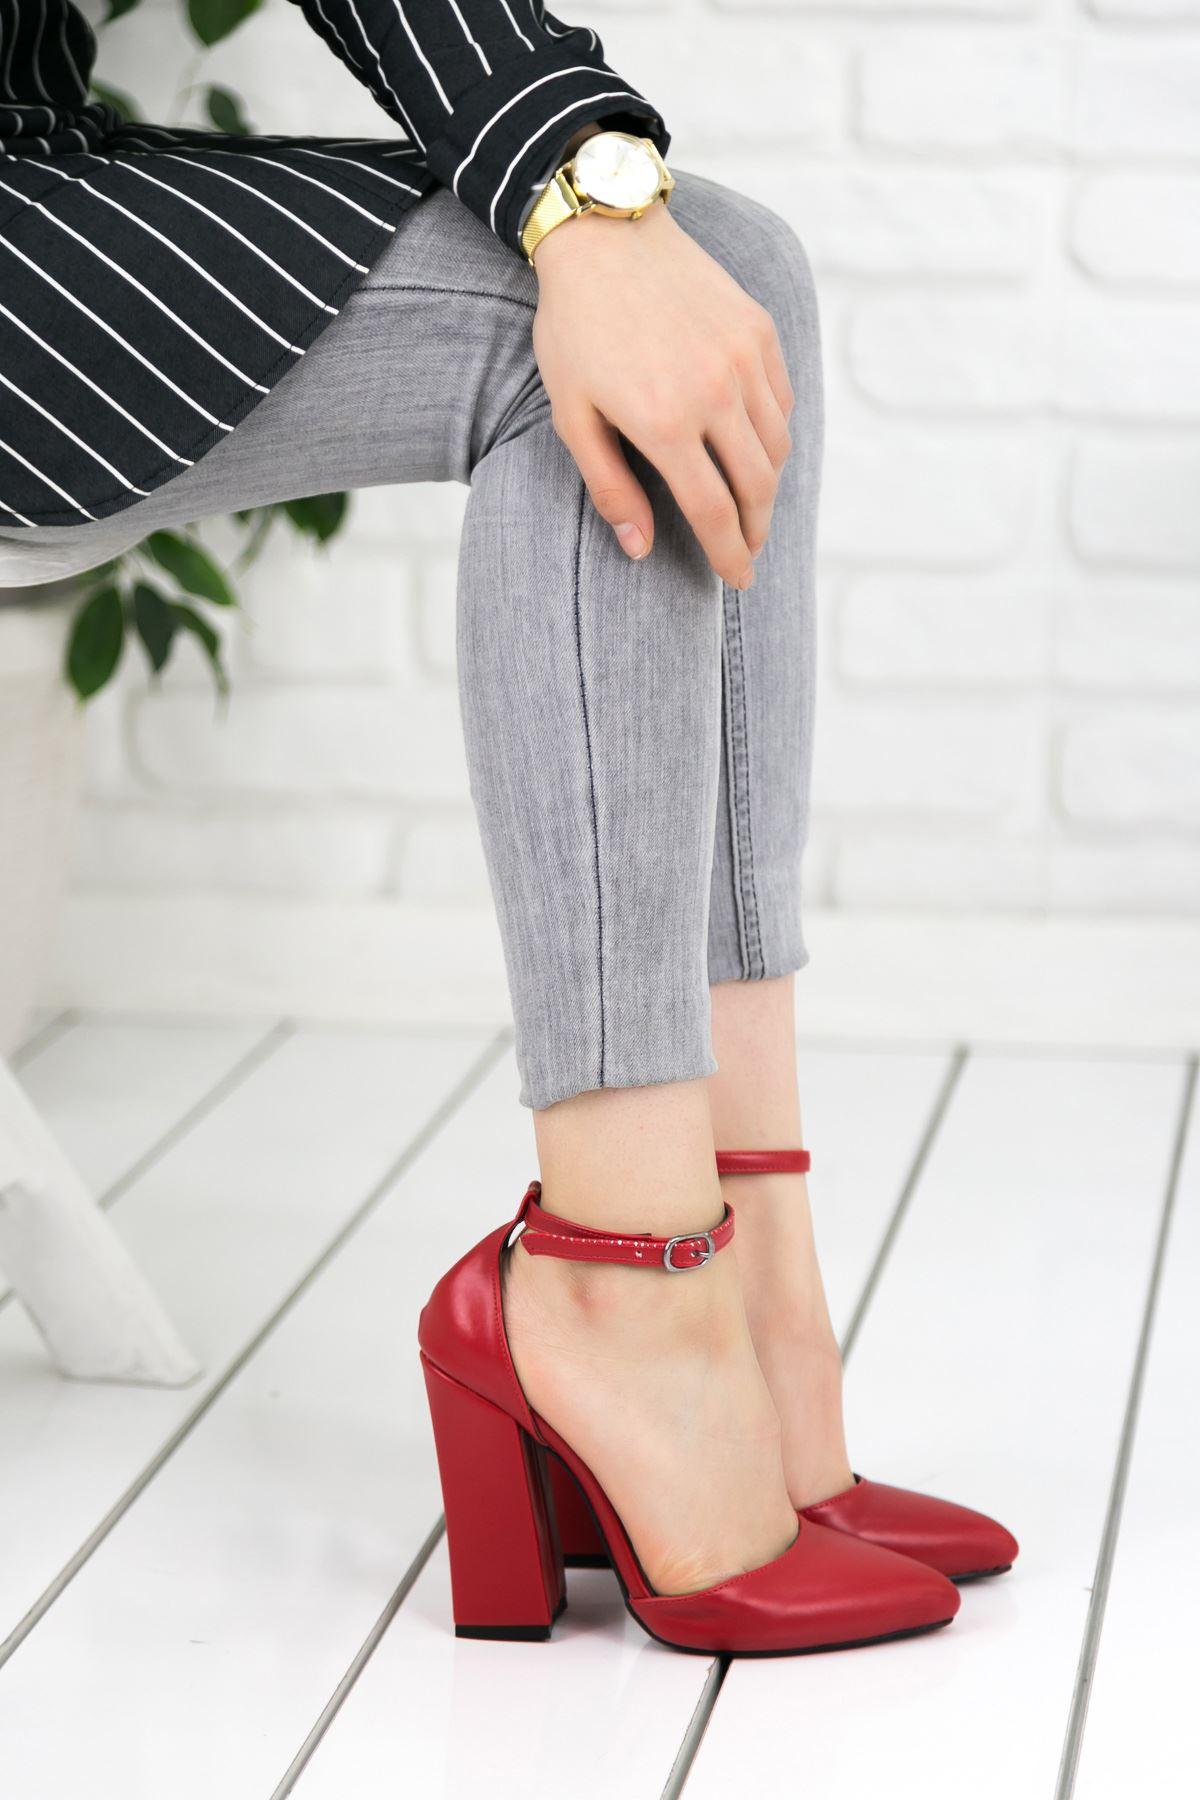 Koberz Kırmızı Topuklu Bayan Ayakkabı